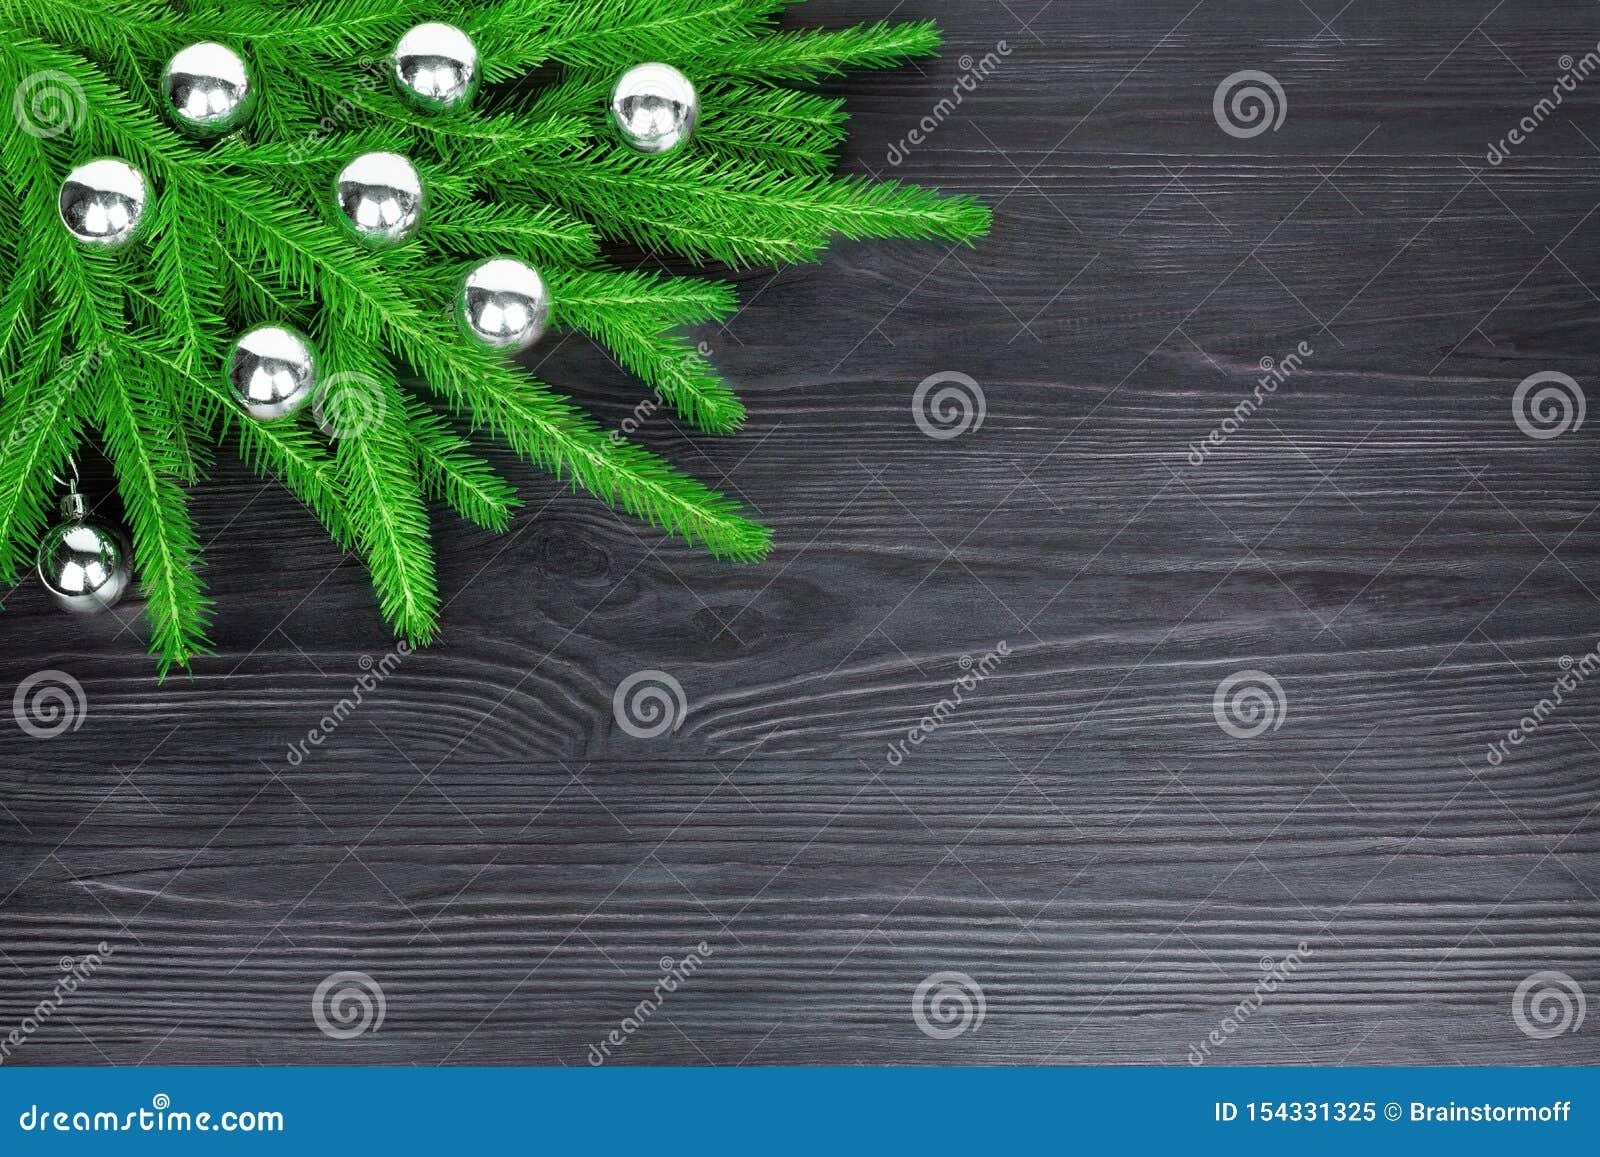 Τα εορταστικά σύνορα γωνιών Χριστουγέννων, νέο διακοσμητικό πλαίσιο έτους, ασημένιες διακοσμήσεις σφαιρών γυαλιού στο πράσινο έλα